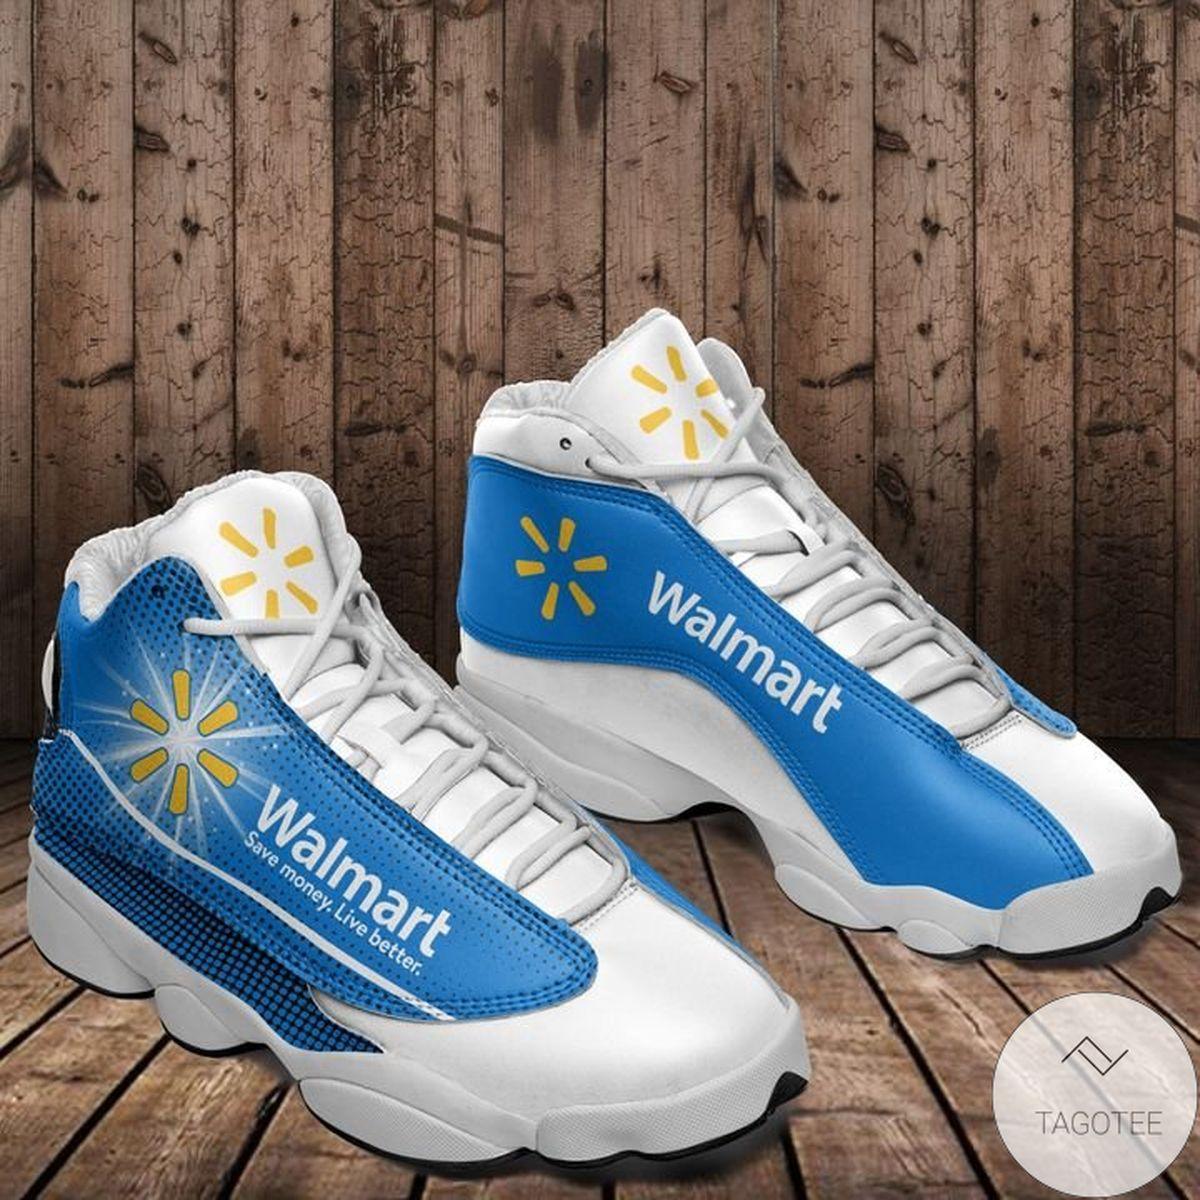 Walmart Air Jordan 13 Shoes